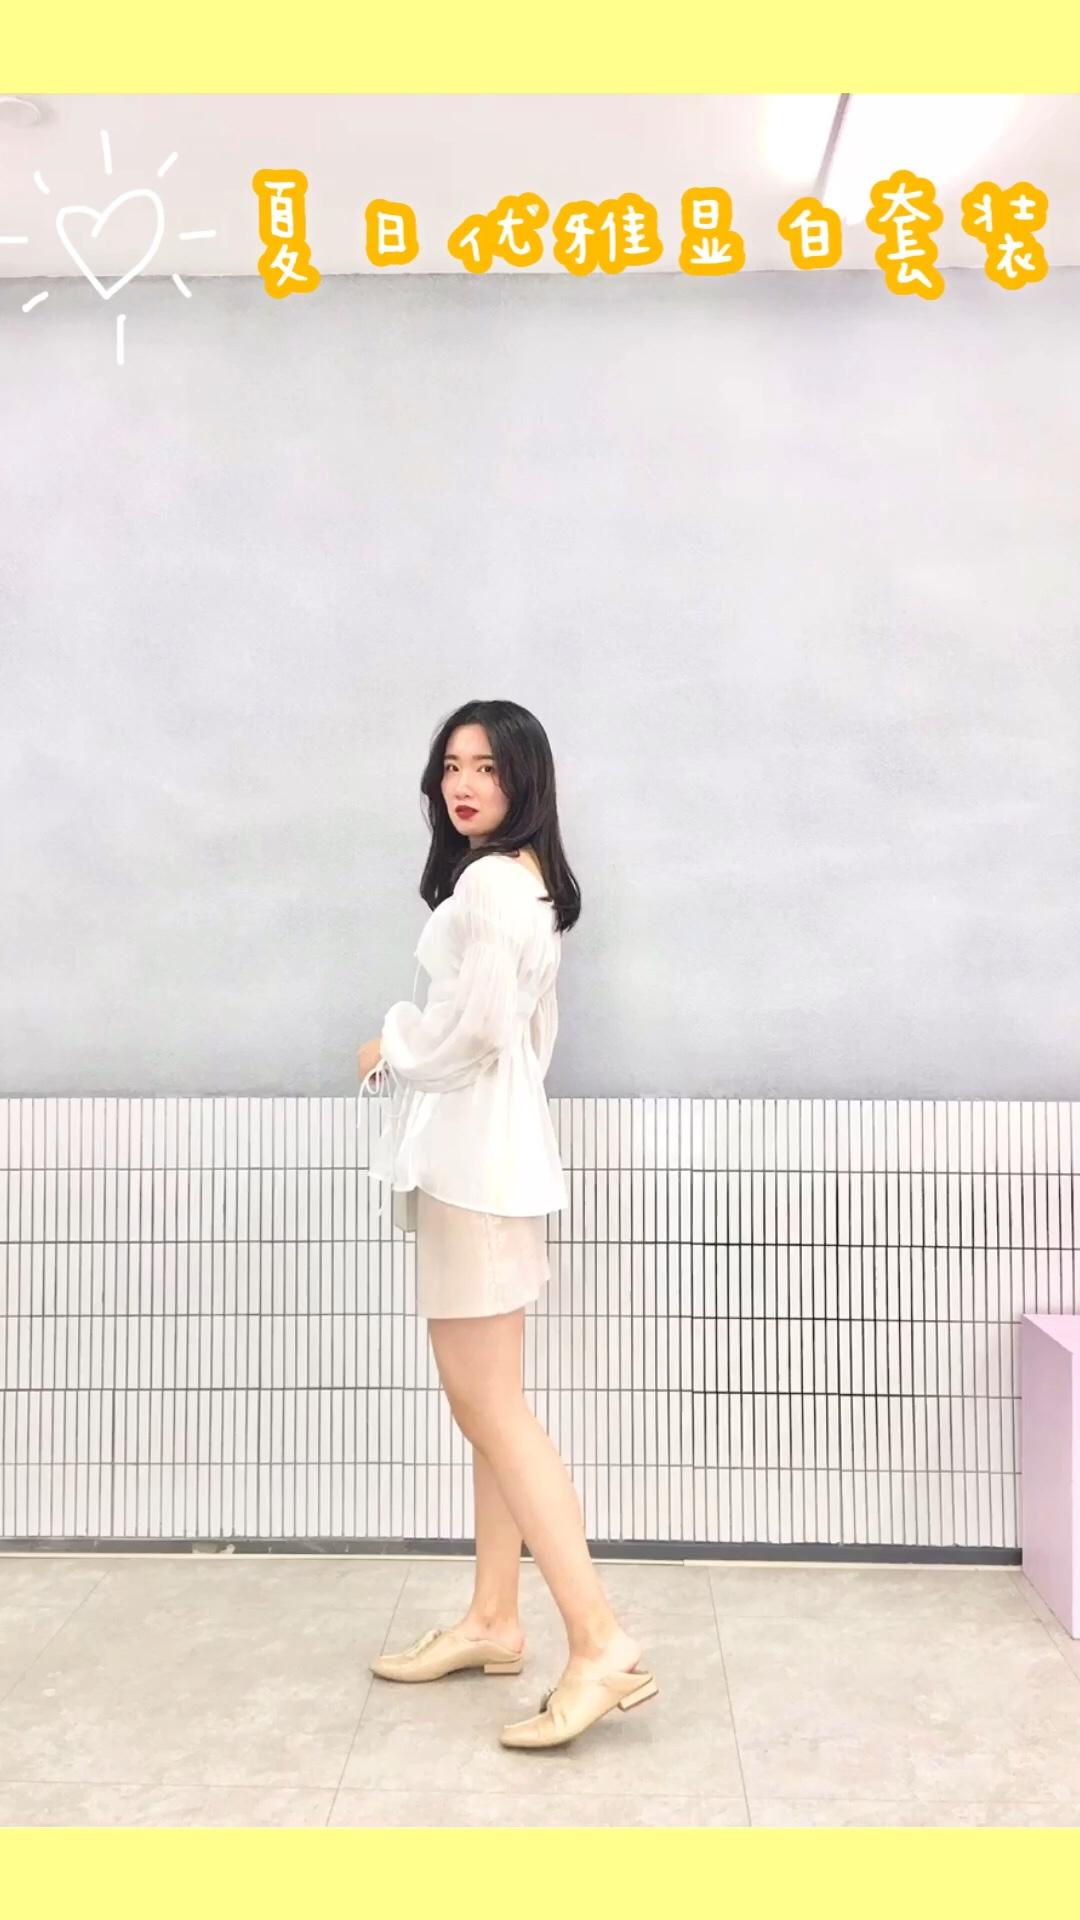 #夏季显白色穿搭,白到你反光!# ☁️☁️☁️夏日防晒显白必备☁️☁️☁️ ☁️超级有设计感的上衣 我爱了你随意 高腰的设计 显的很瘦哦 ☁️包臀裙的搭配 很好的显现身材哦 秀身材就穿这一套 显白好看哦 裙子:雪梨 上衣:林珊珊